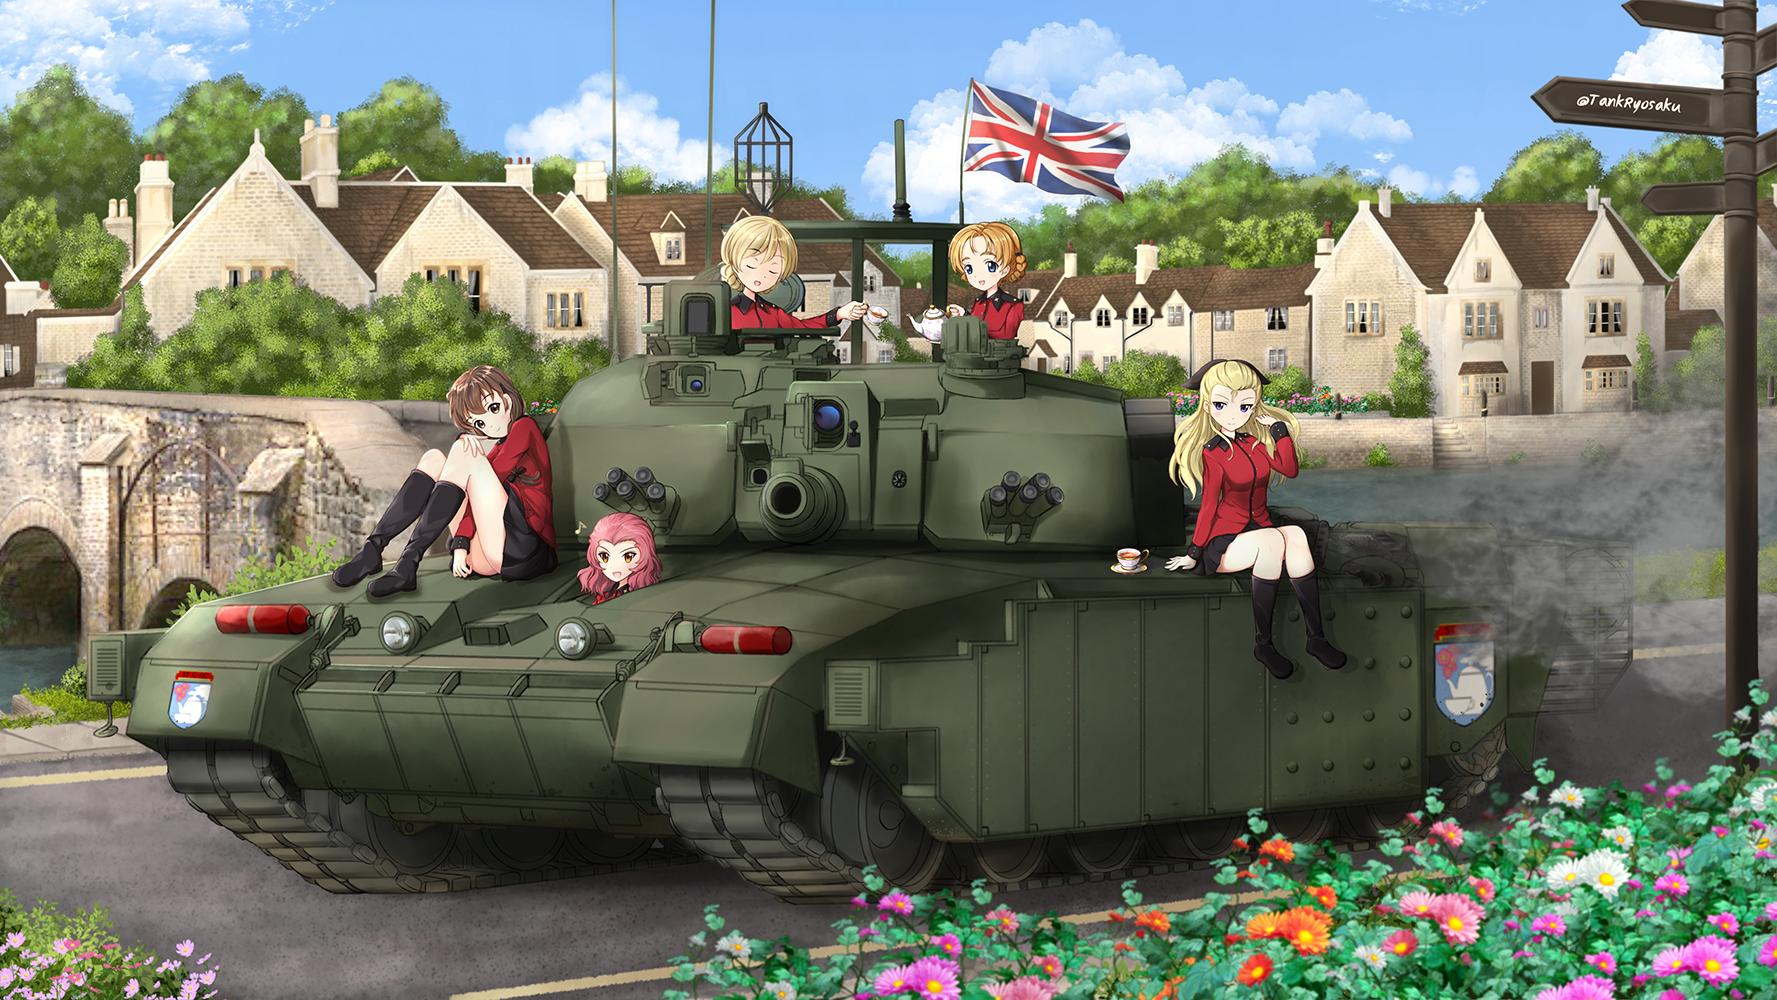 картинка про илюху и танки равнодушно относится кино